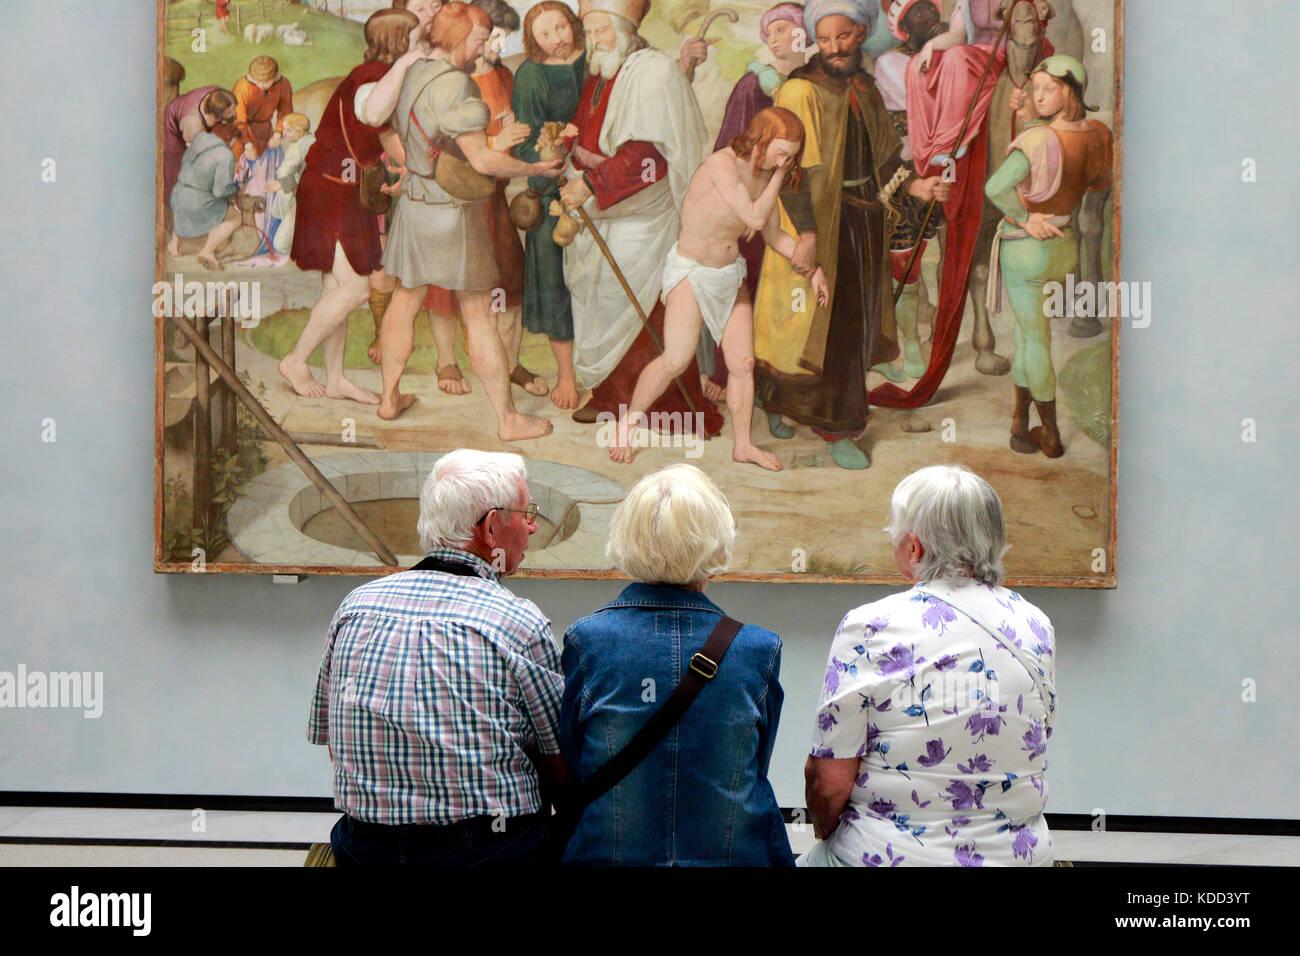 Kunst im Museum: Gardinen und Dekostoffe Gemaelde betrachte, Alte